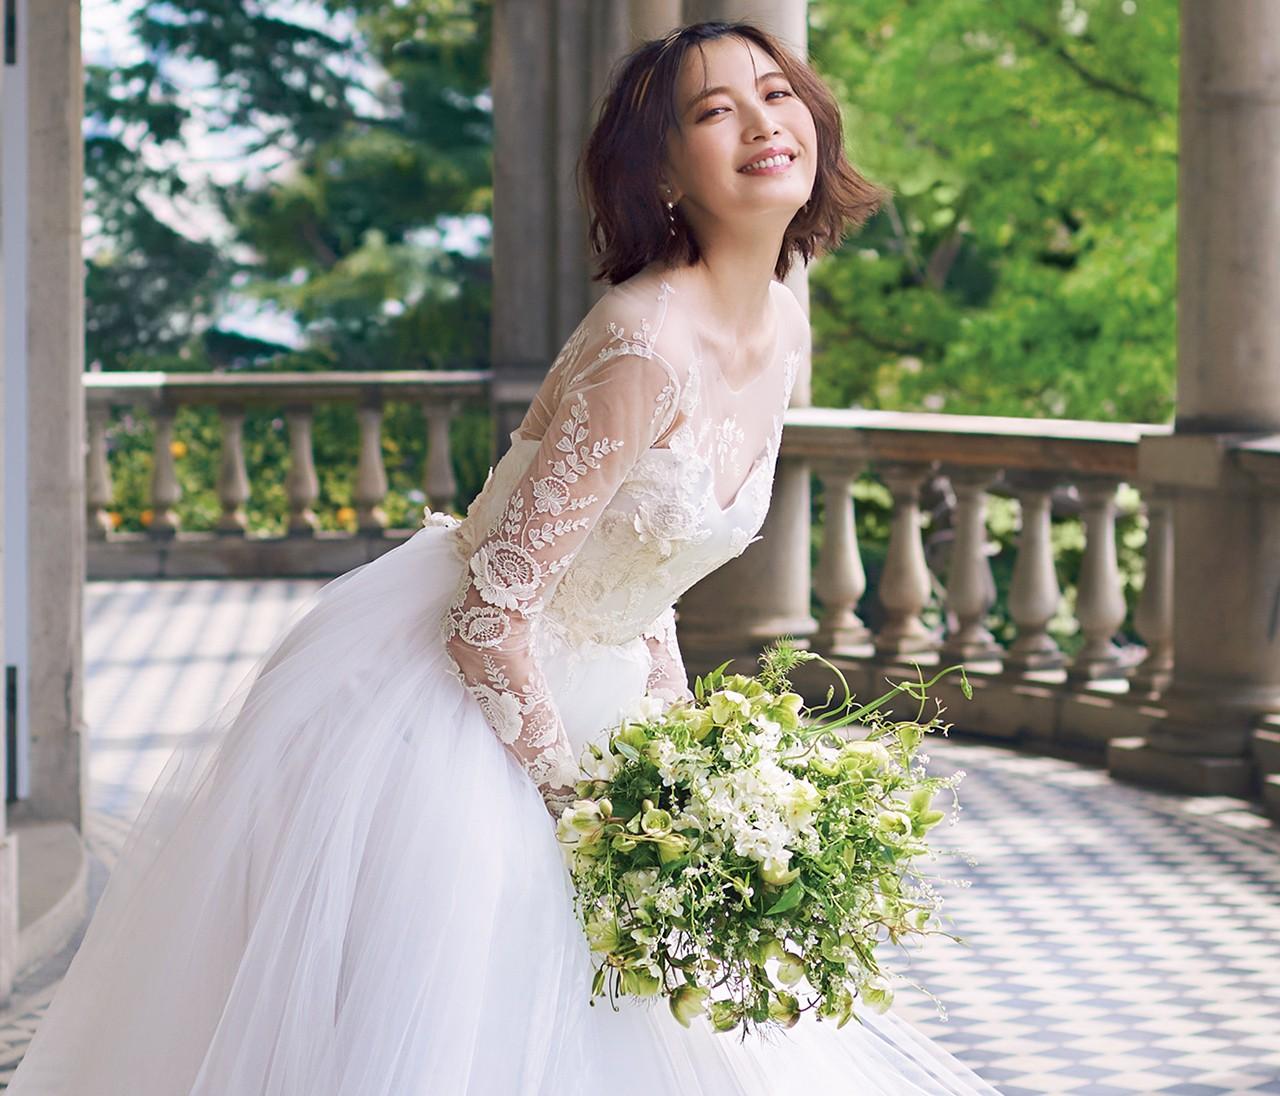 理想の女性らしさがかなう、ノバレーゼの清潔感ある肌見せドレス